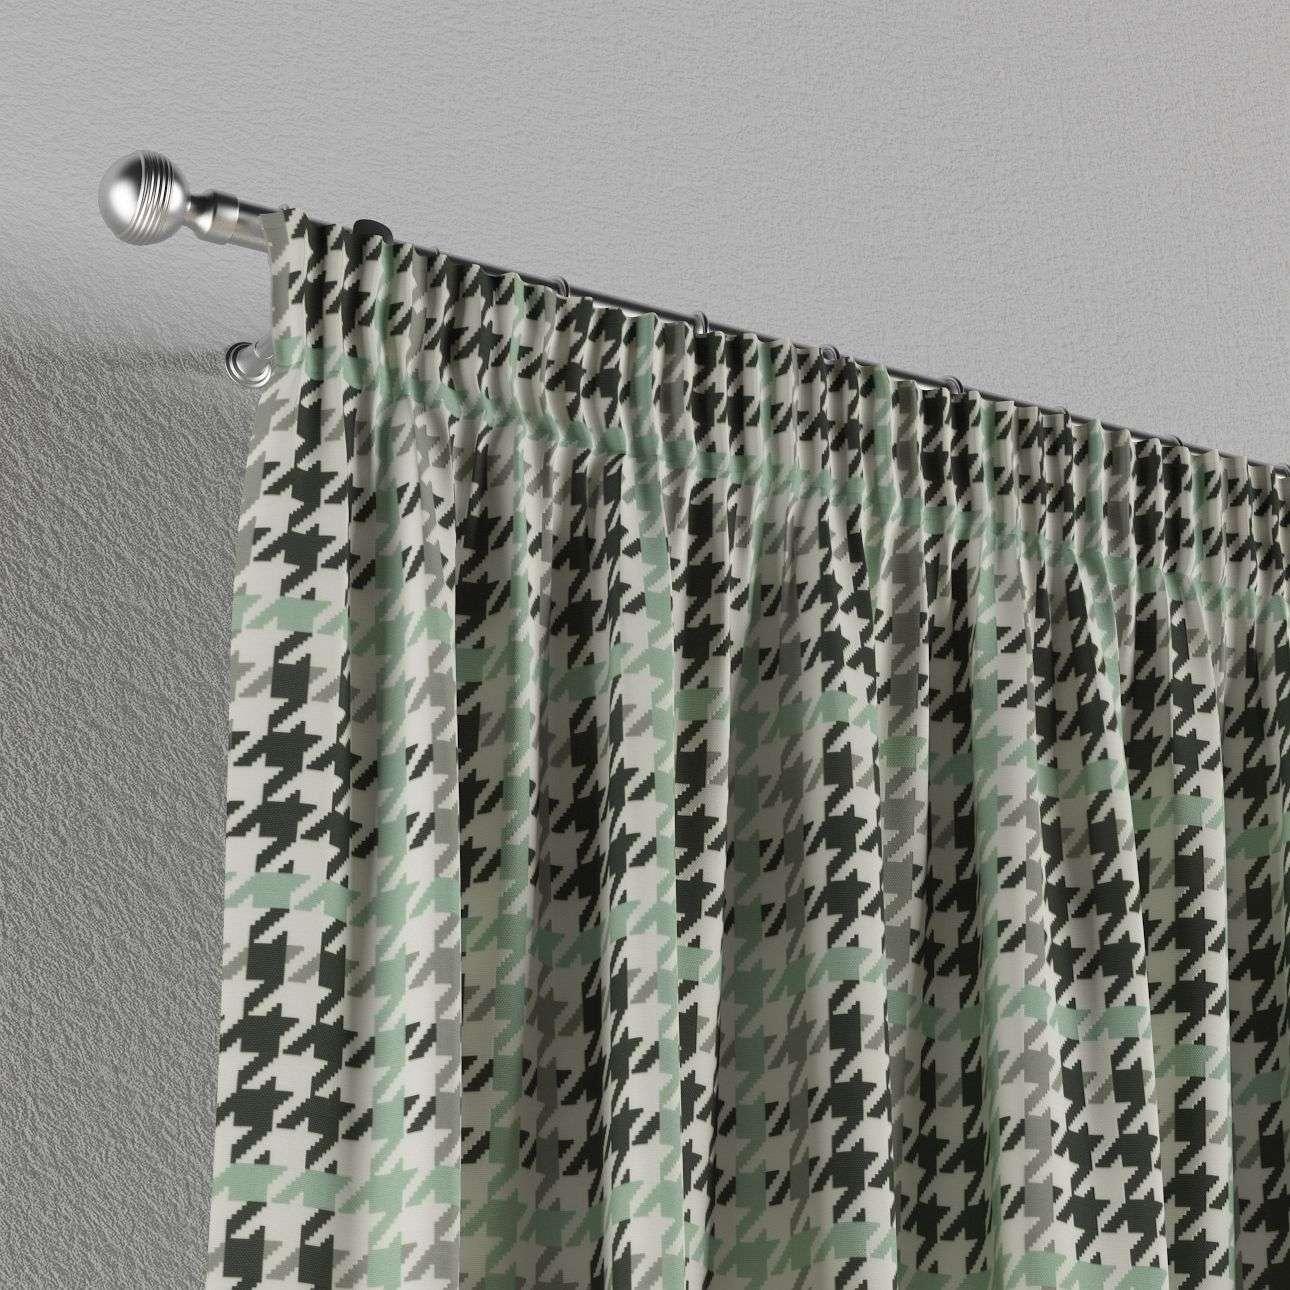 Závěs s řasící páskou 130 x 260 cm v kolekci Brooklyn, látka: 137-77